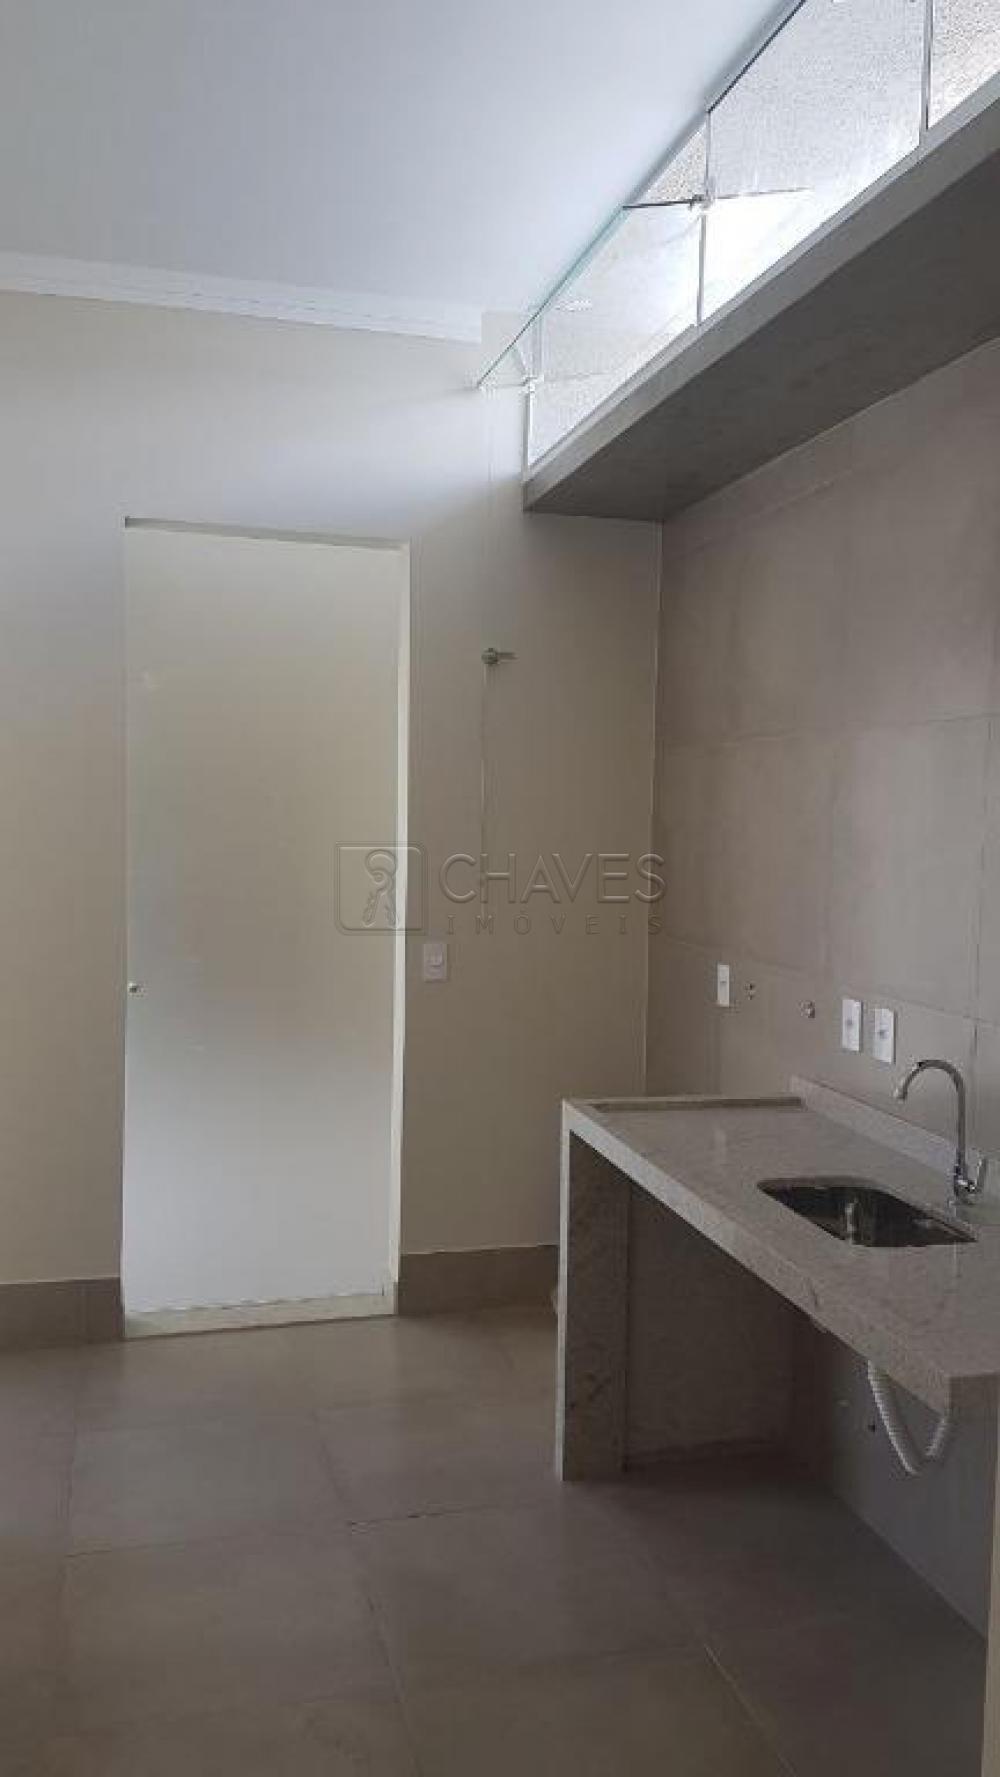 Comprar Apartamento / Padrão em Ribeirão Preto apenas R$ 595.000,00 - Foto 4